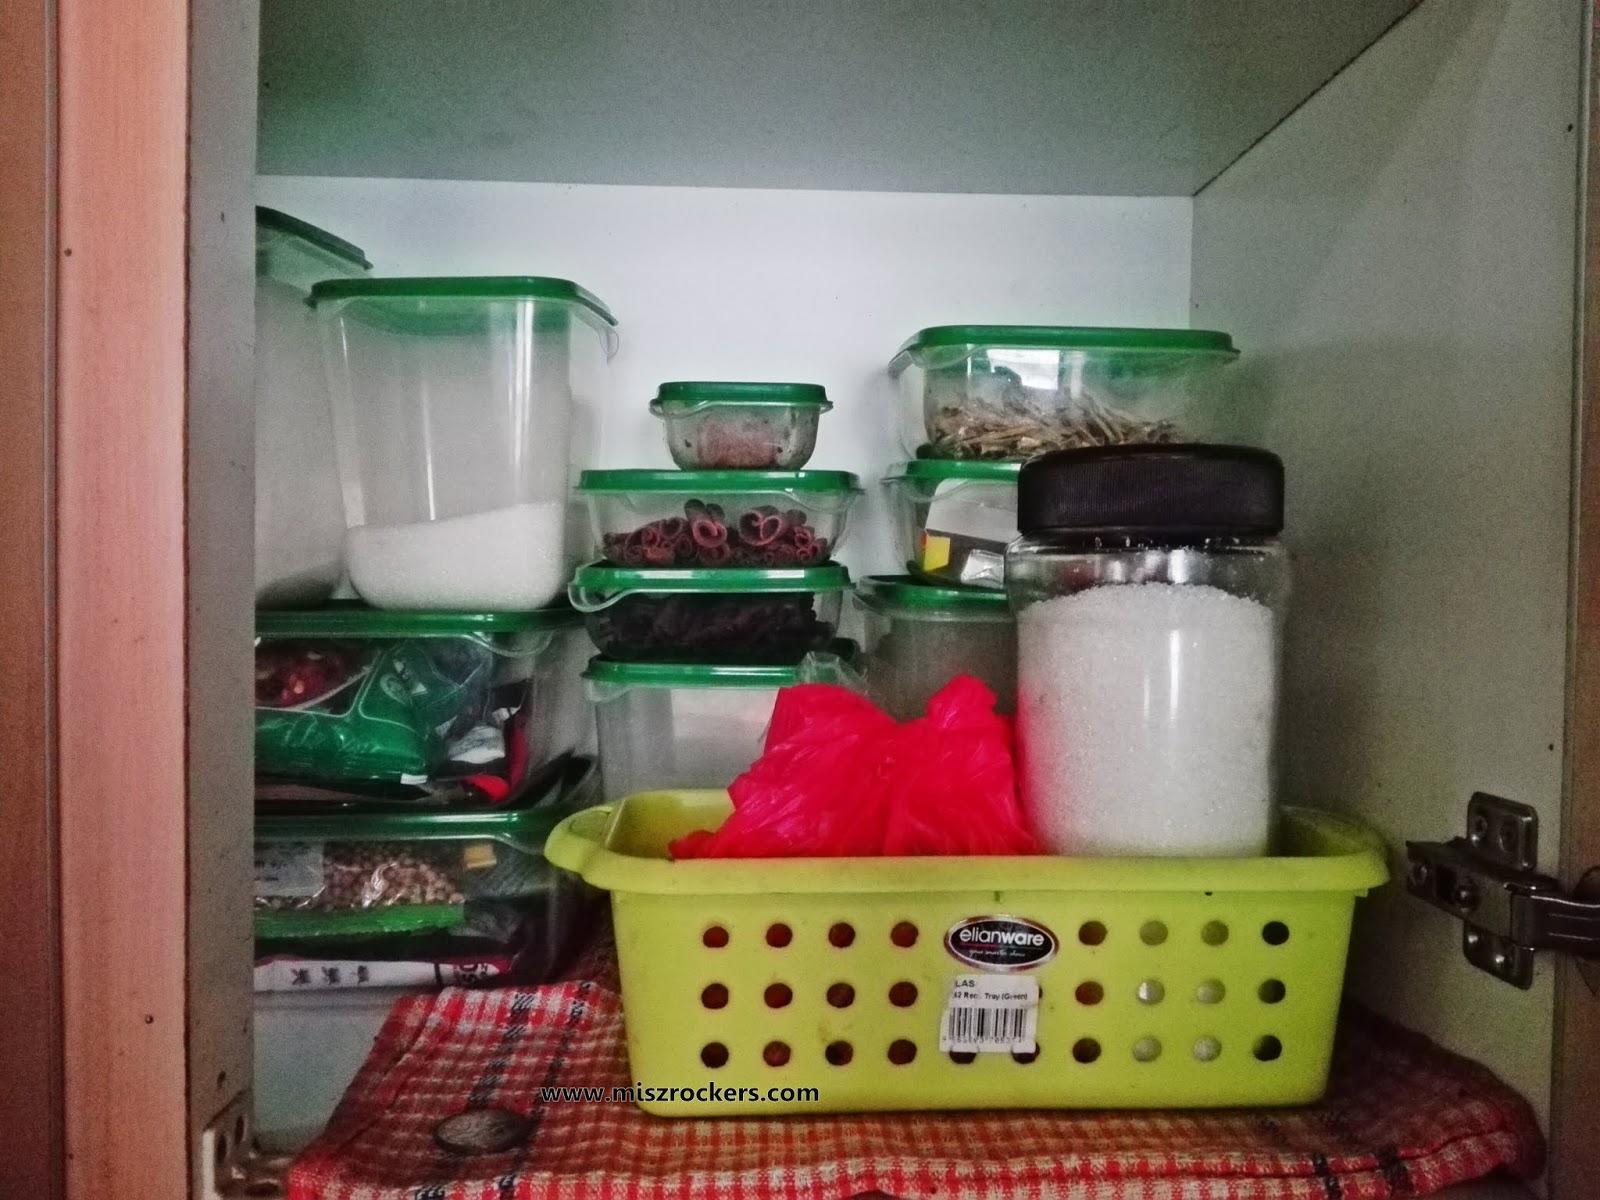 Part Bahagian Dapur Memang Kena Kemas Selalu La Dah Hari Ngadap Kira Terapi Bagi Nad Bila Nampak Semua Barang Tersusun Seragam Dan